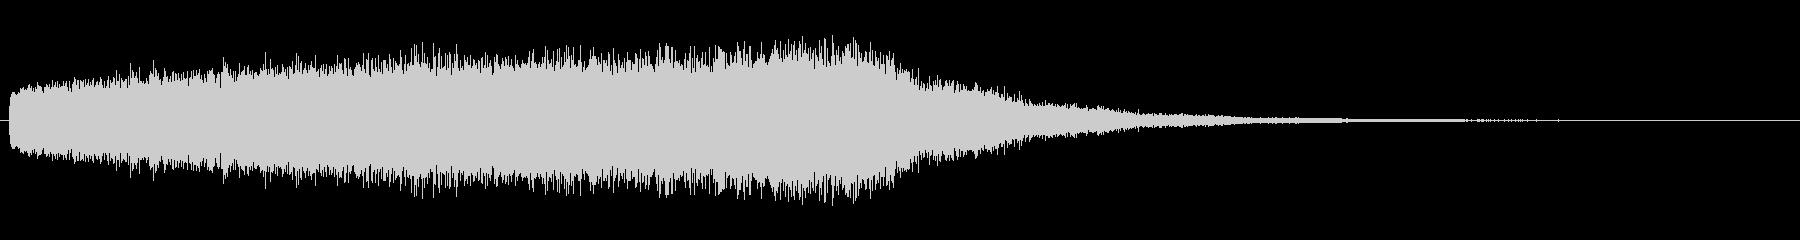 変身・魔法・効果音_FXver2の未再生の波形